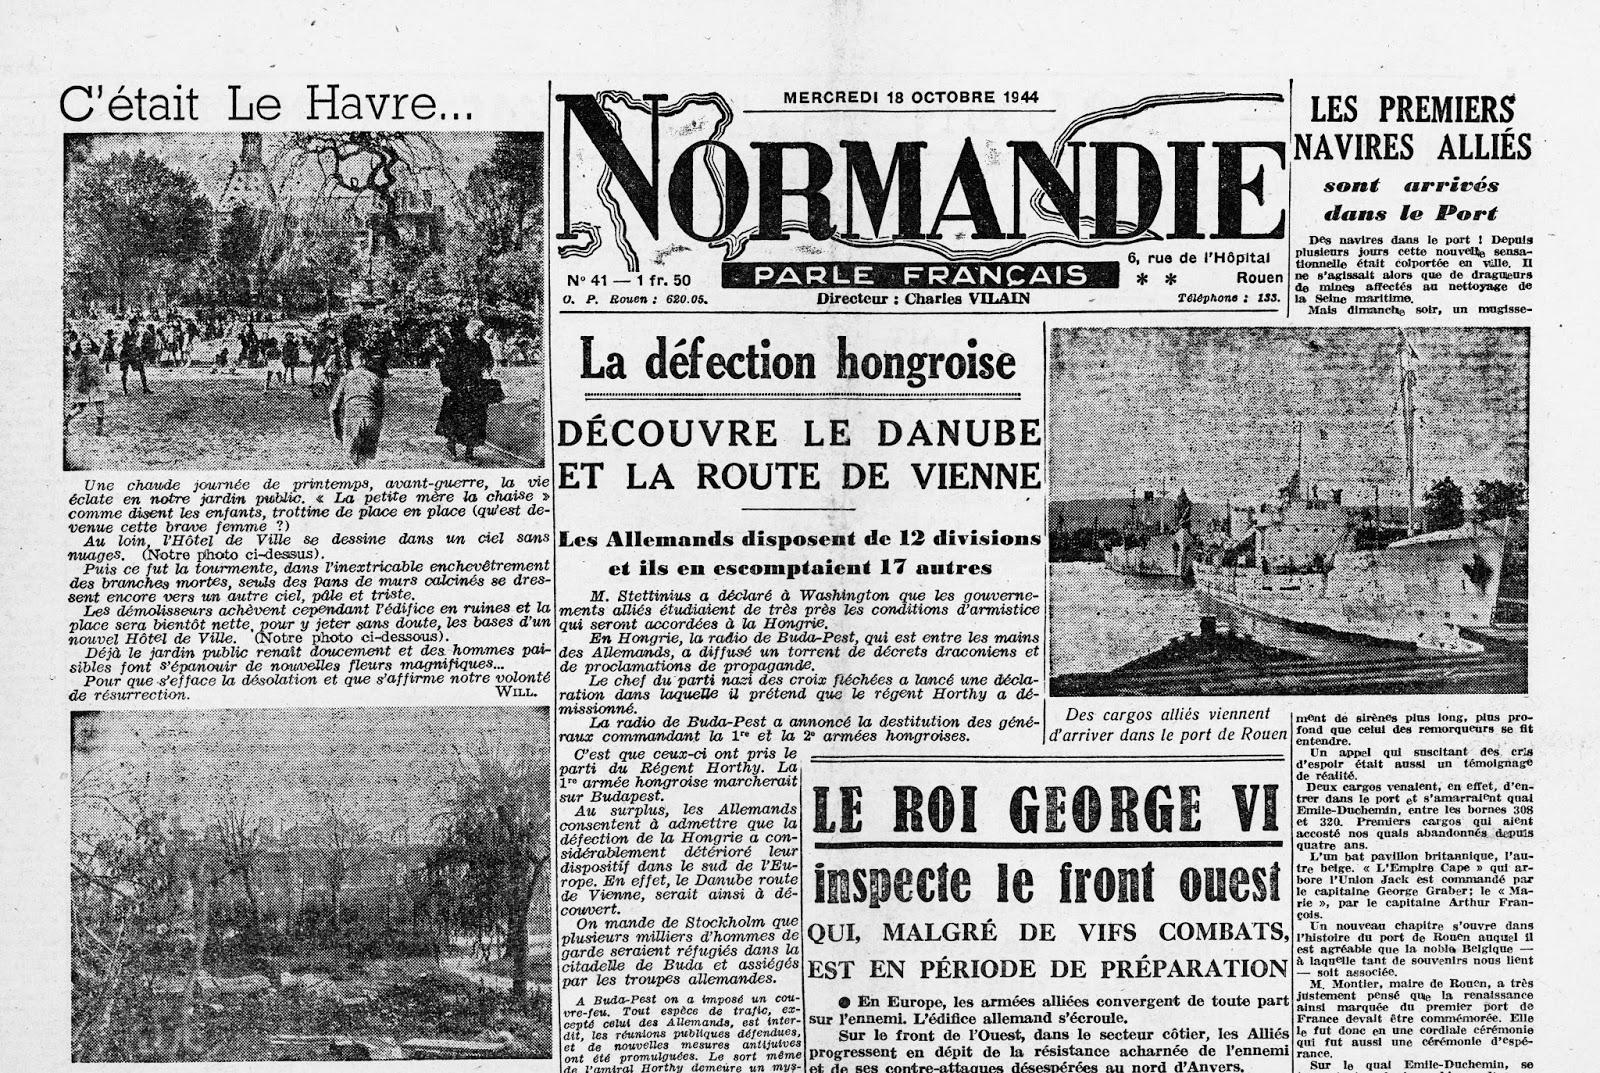 Ma tres du vent mdv 18 octobre 1944 les premiers cargos alli s sont arri - Journal en normandie ...